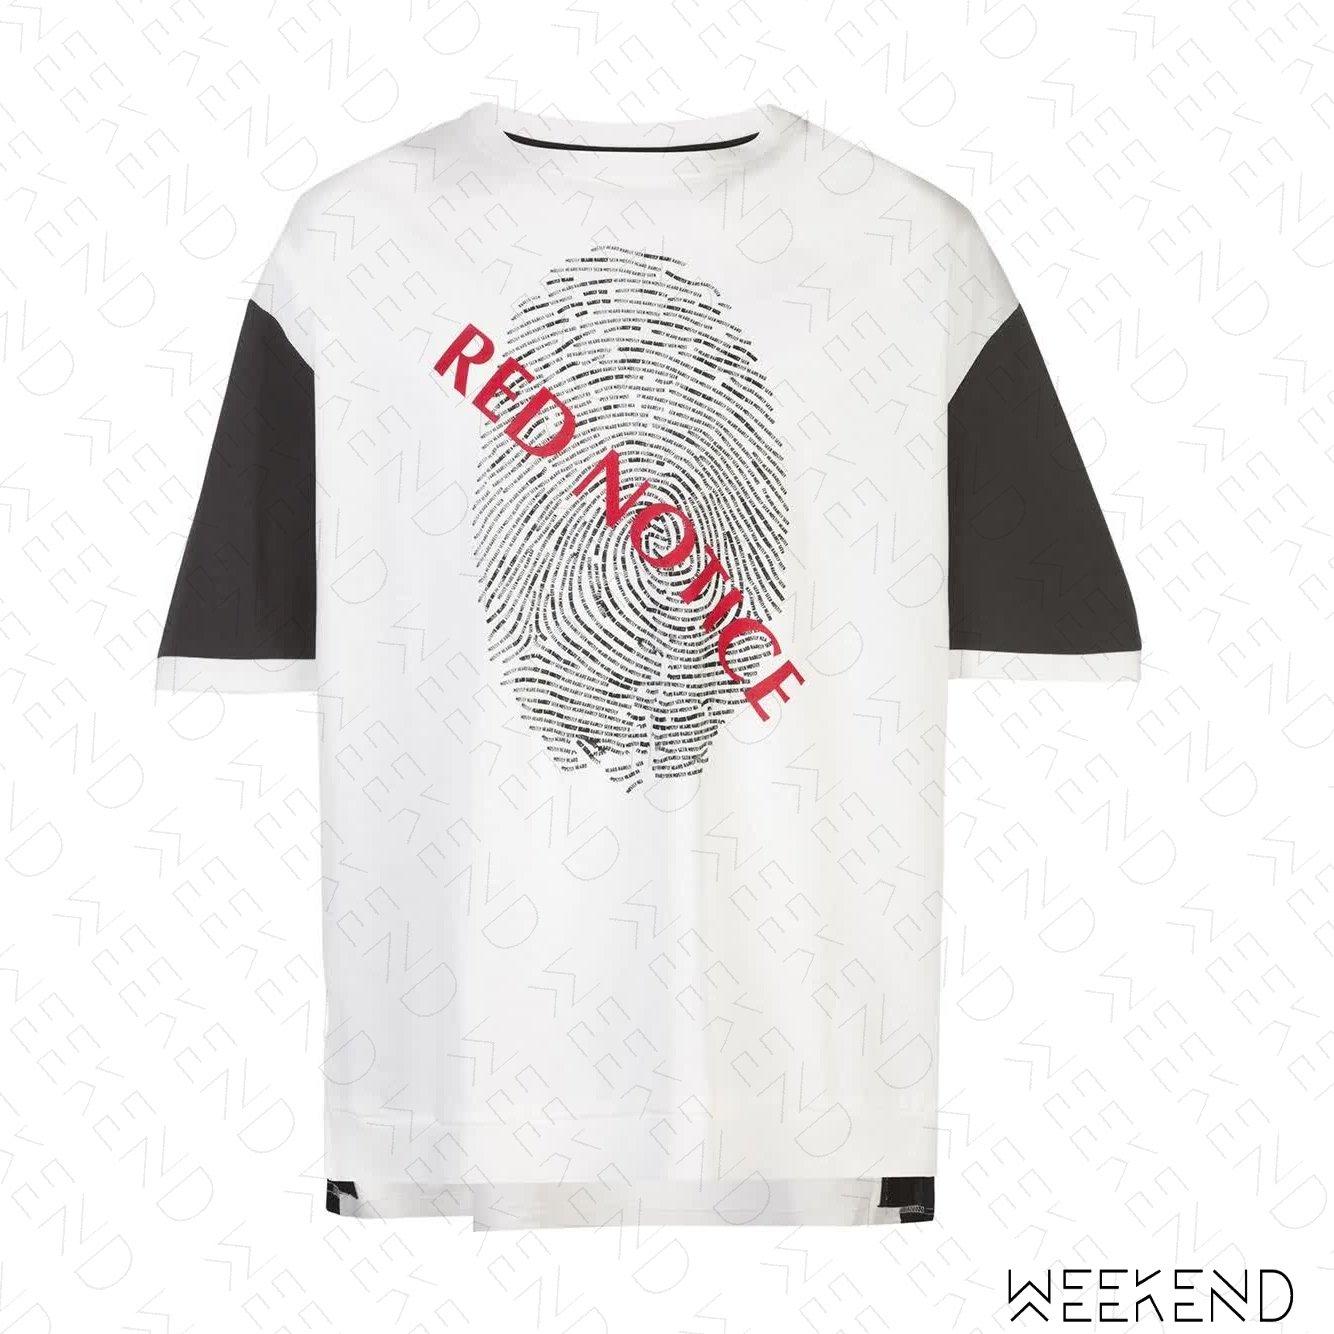 【WEEKEND】 MOSTLT HEARD RARELY SEEN MHRS 指紋印圖 拼接 寬鬆 T恤 黑白